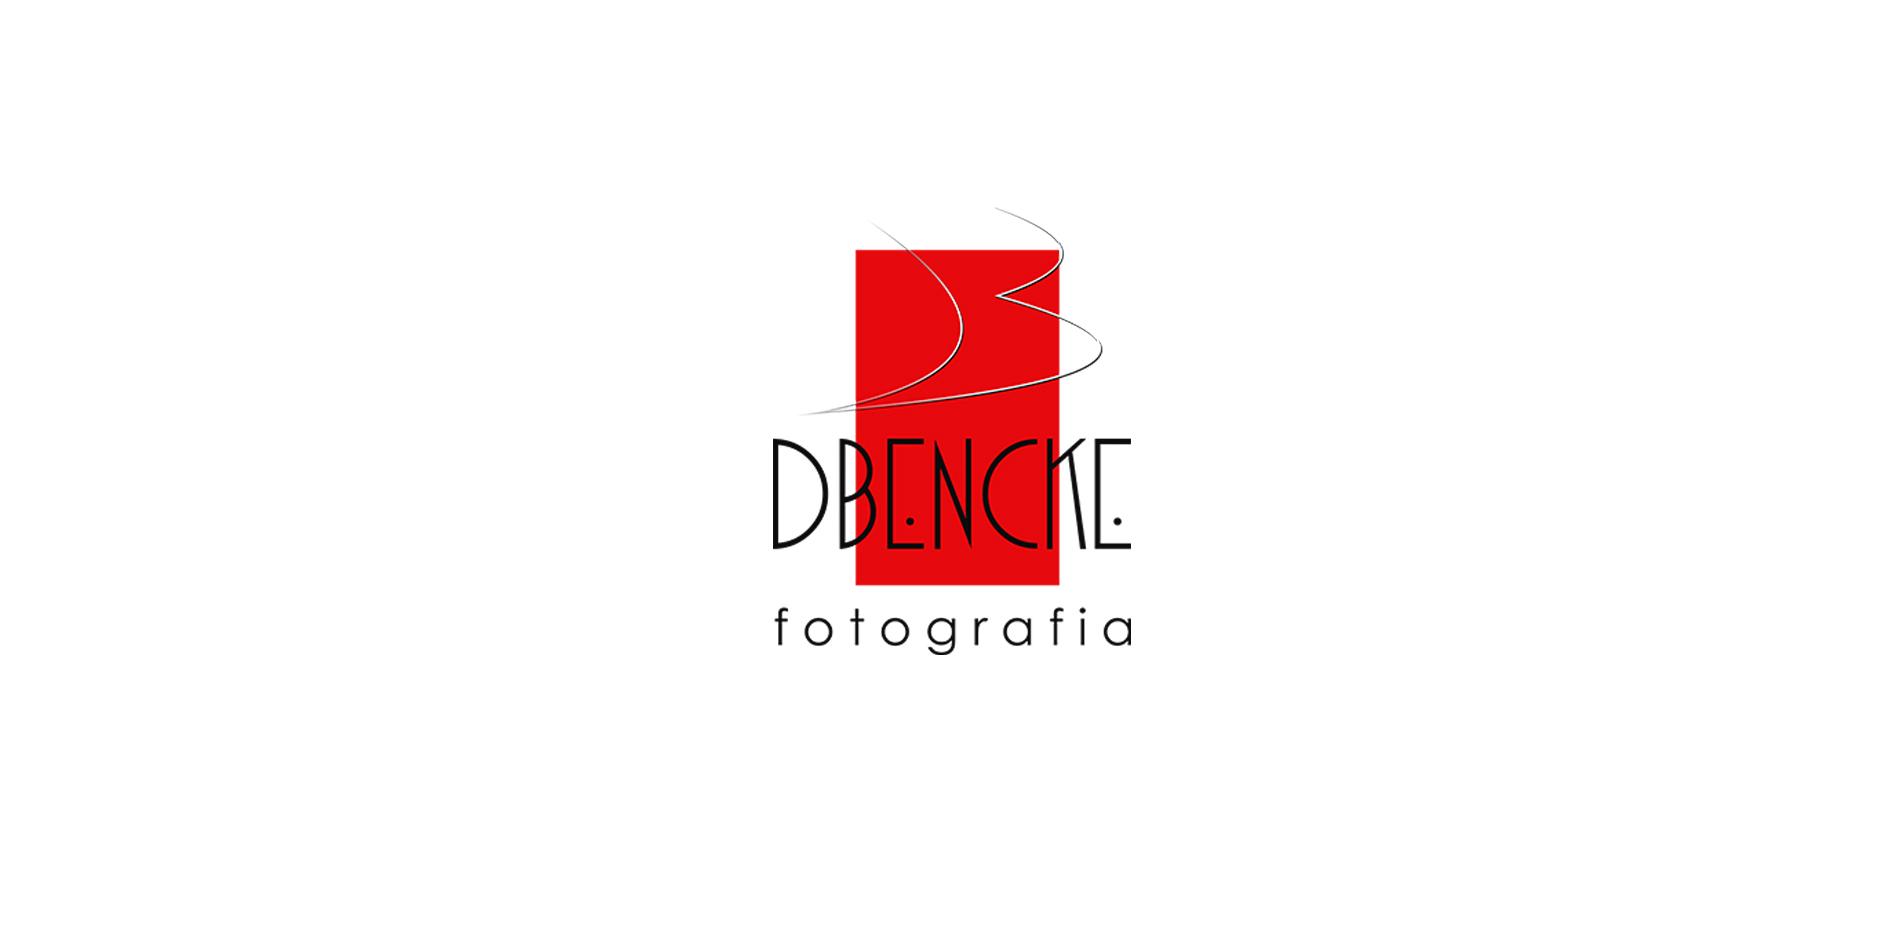 Sobre Fotógrafo Daniel Bencke